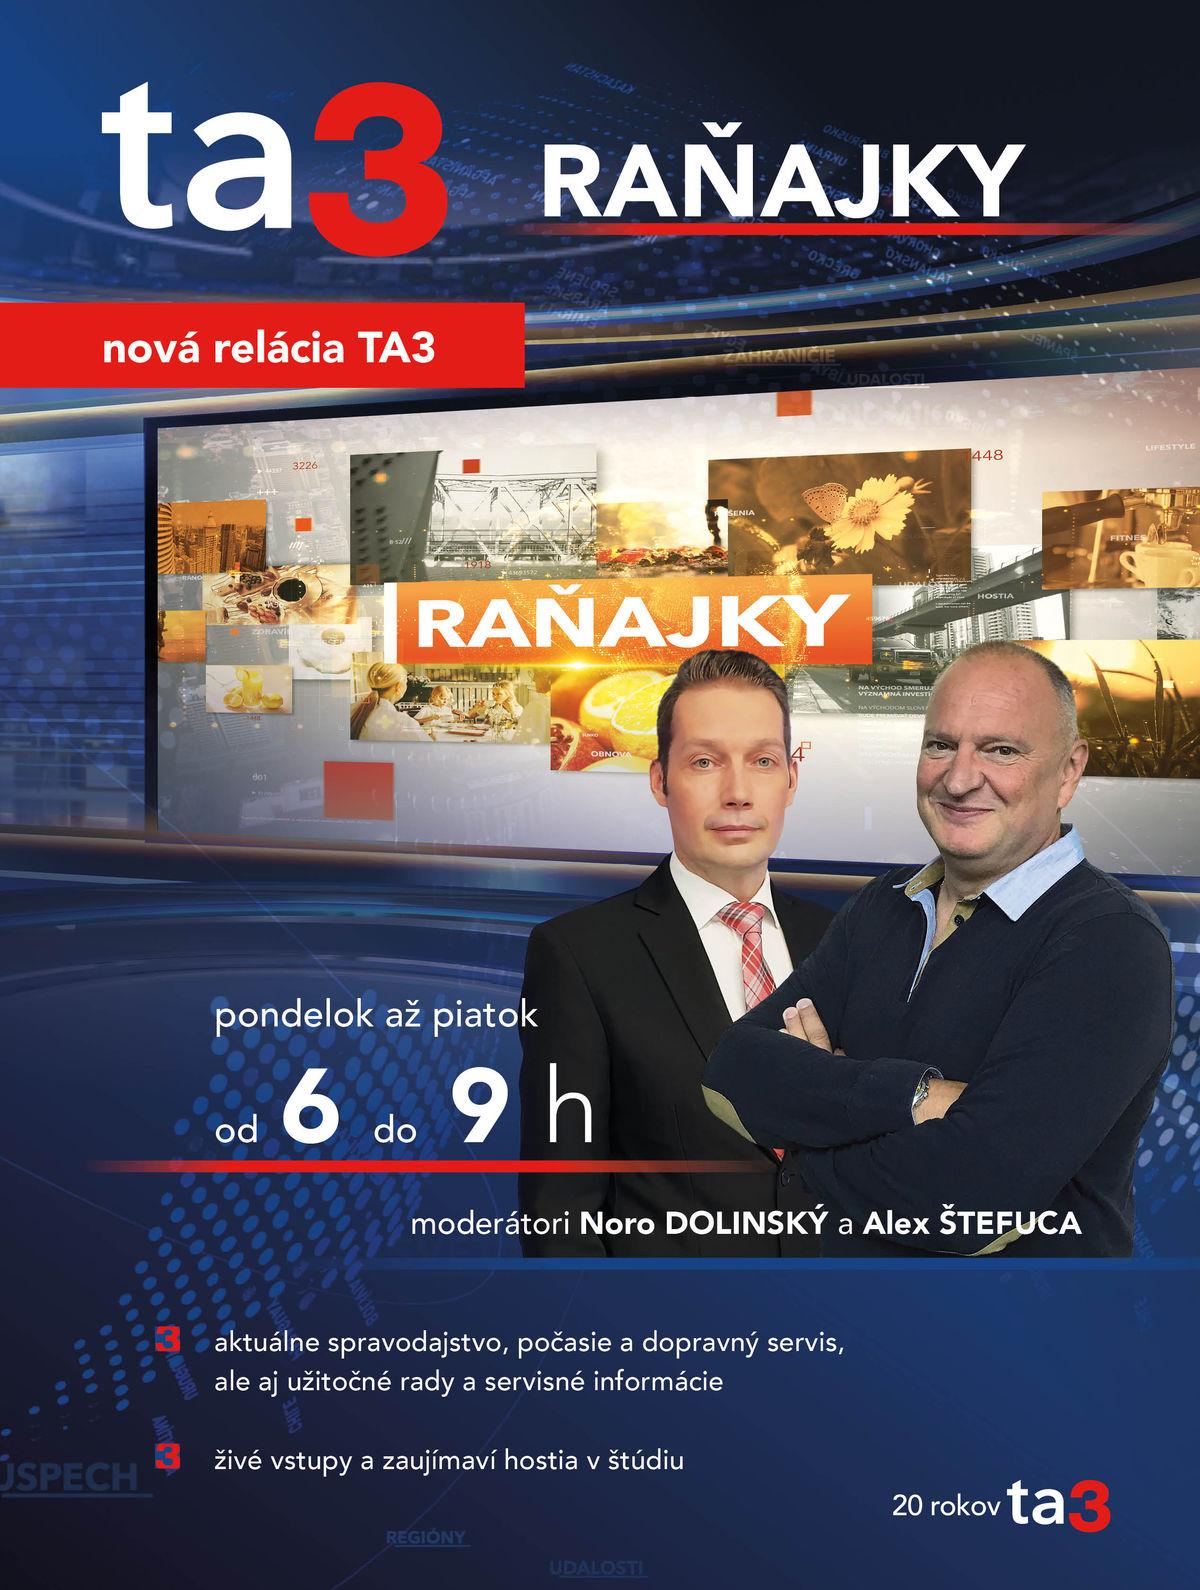 Vizual Ranajky TA3 nepoužívať